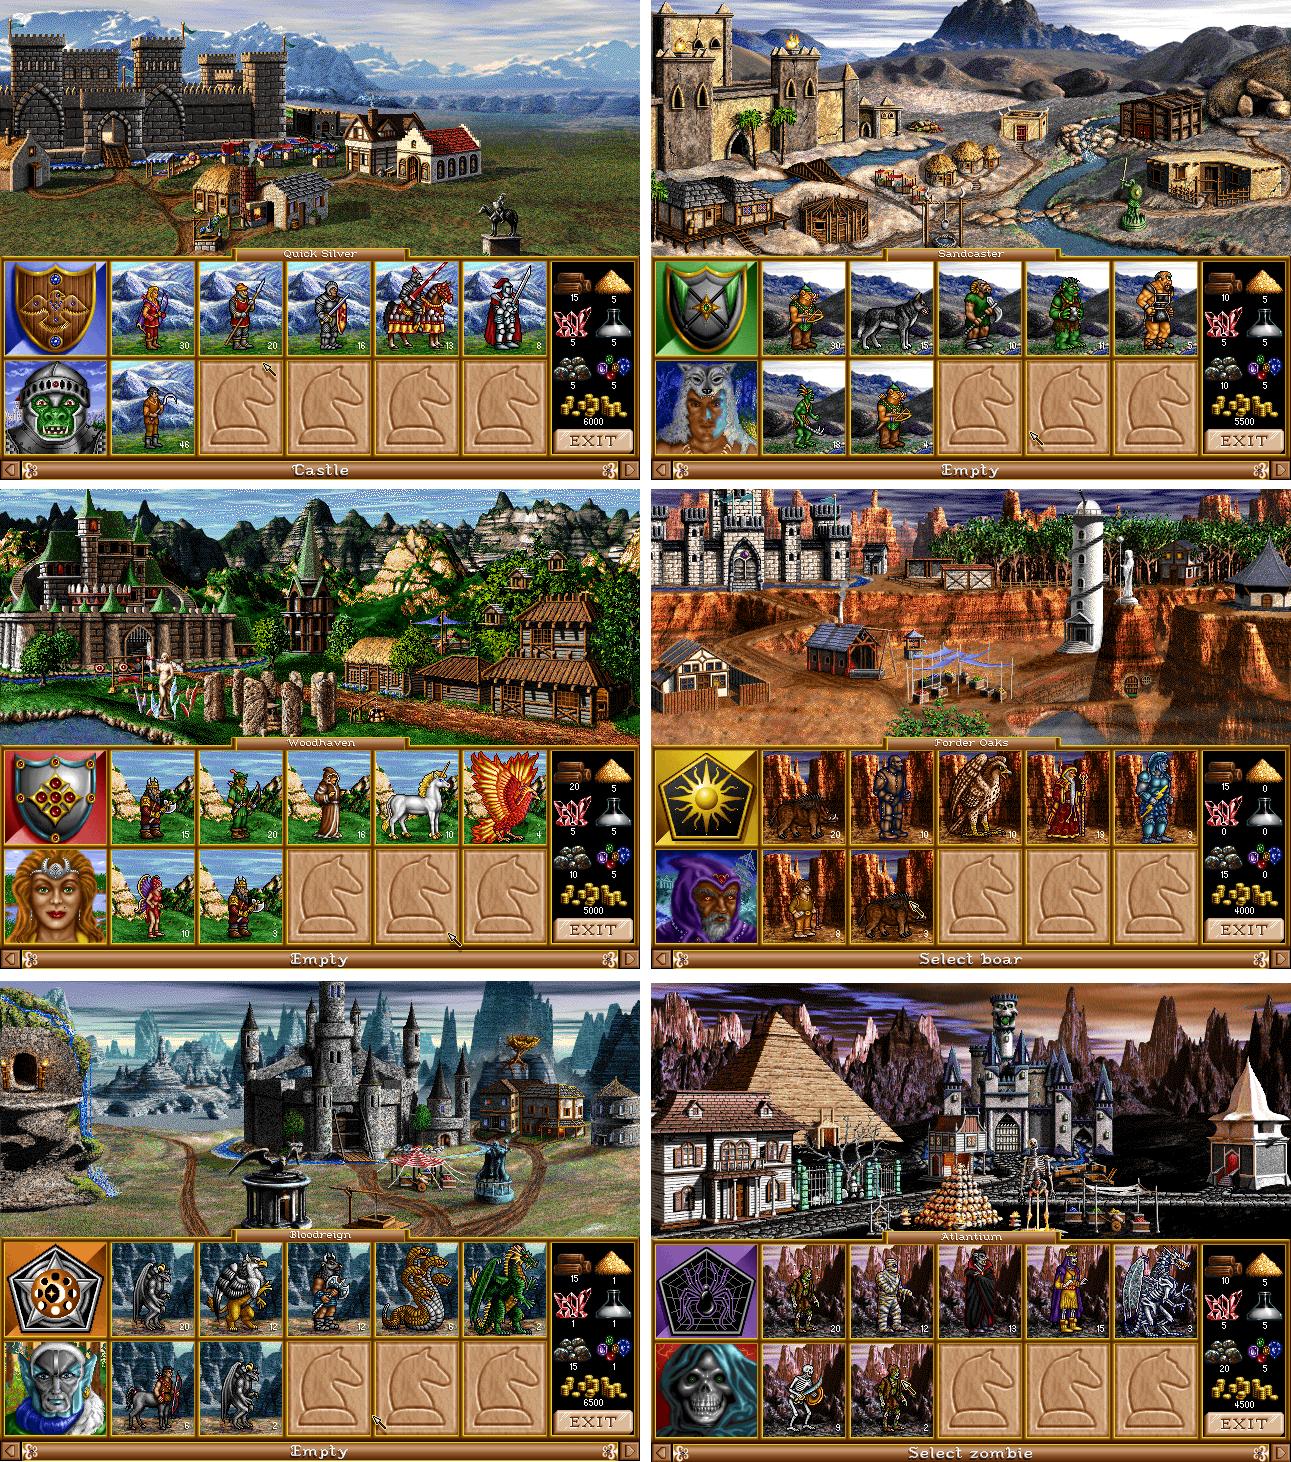 История в картинках (Heroes of Might & Magic) - Изображение 4